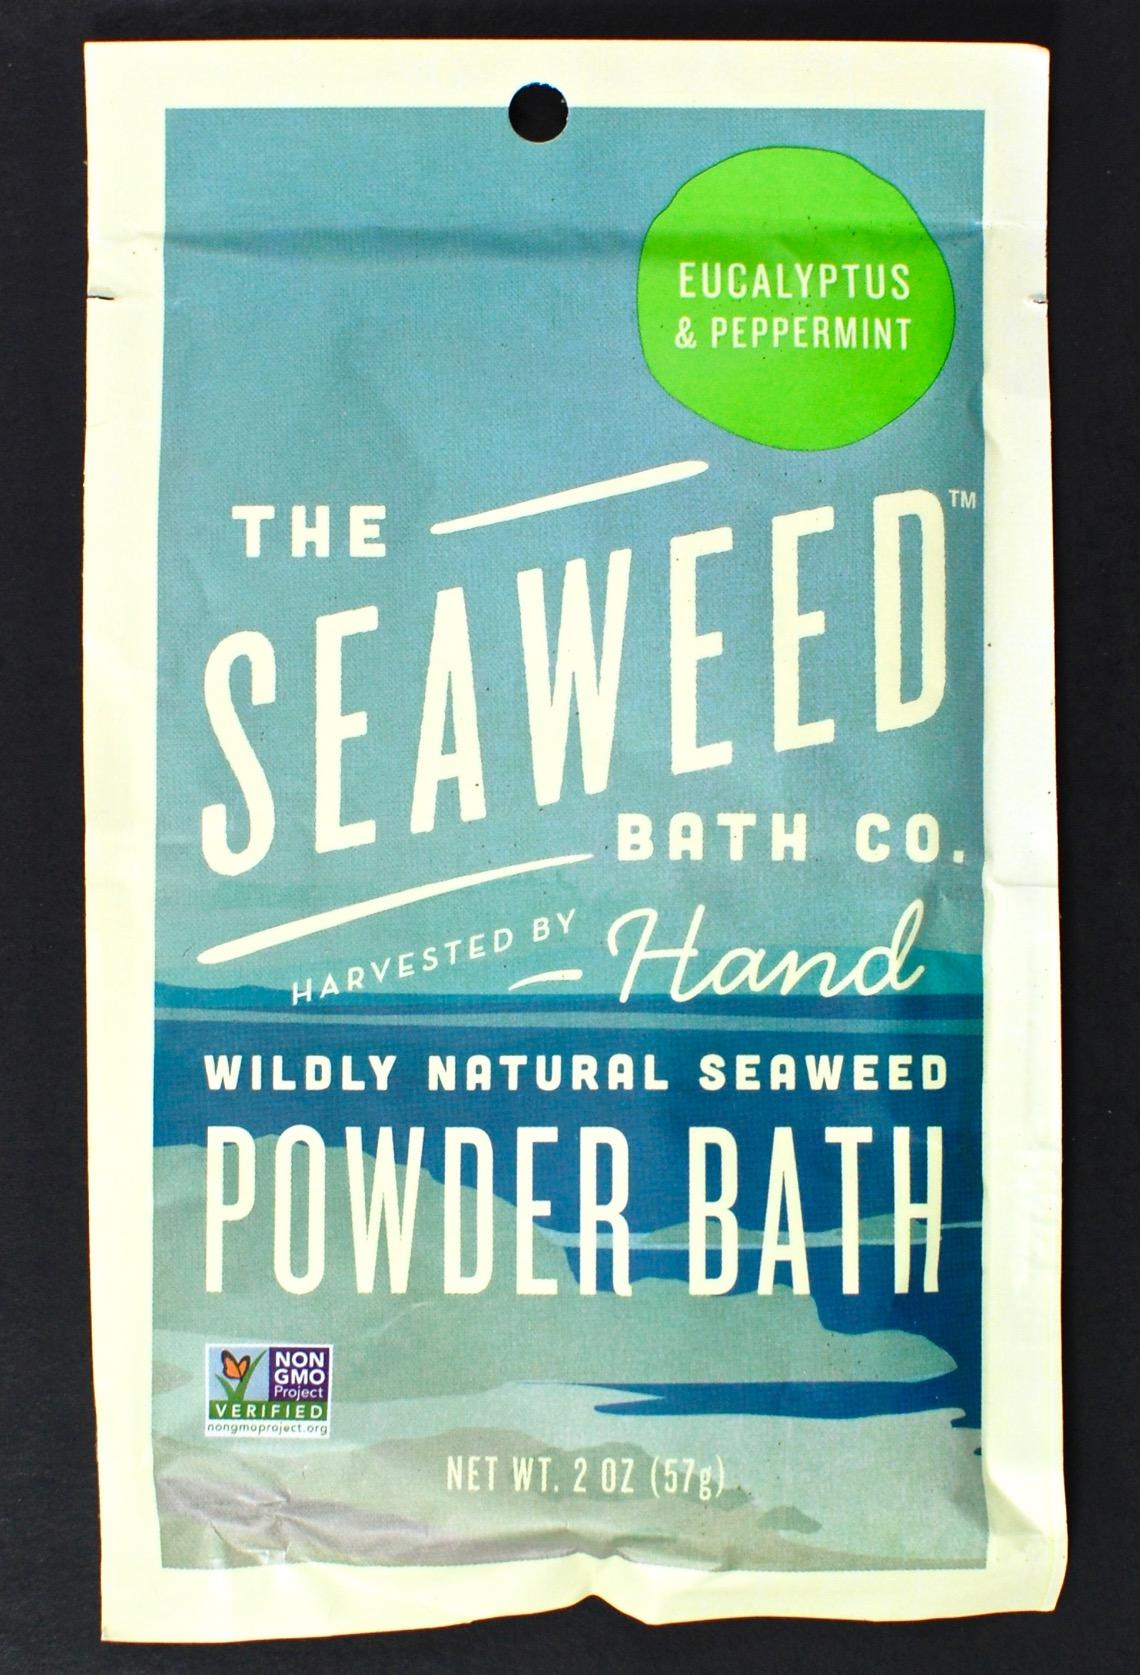 seaweed bath co. powder bath